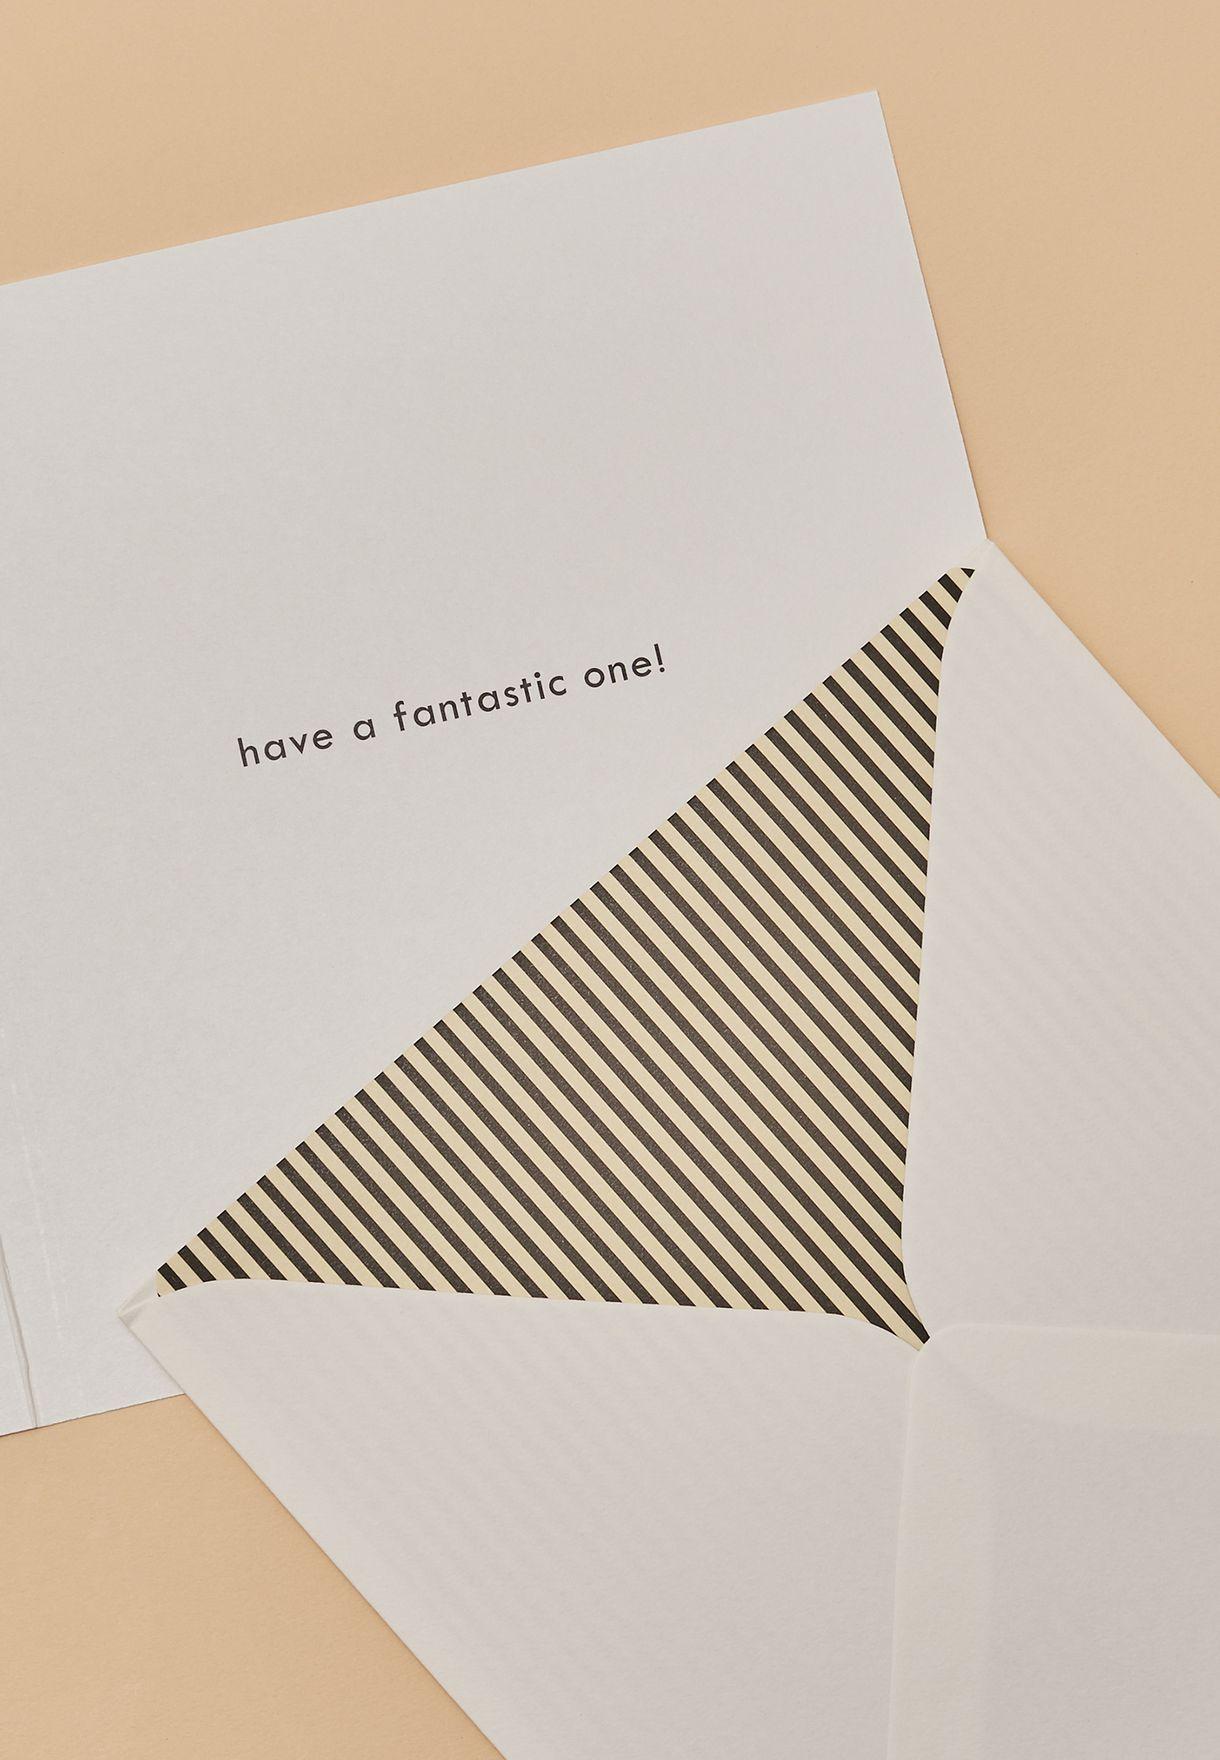 بطاقة تهنئة مزينة بطباعة كتابة